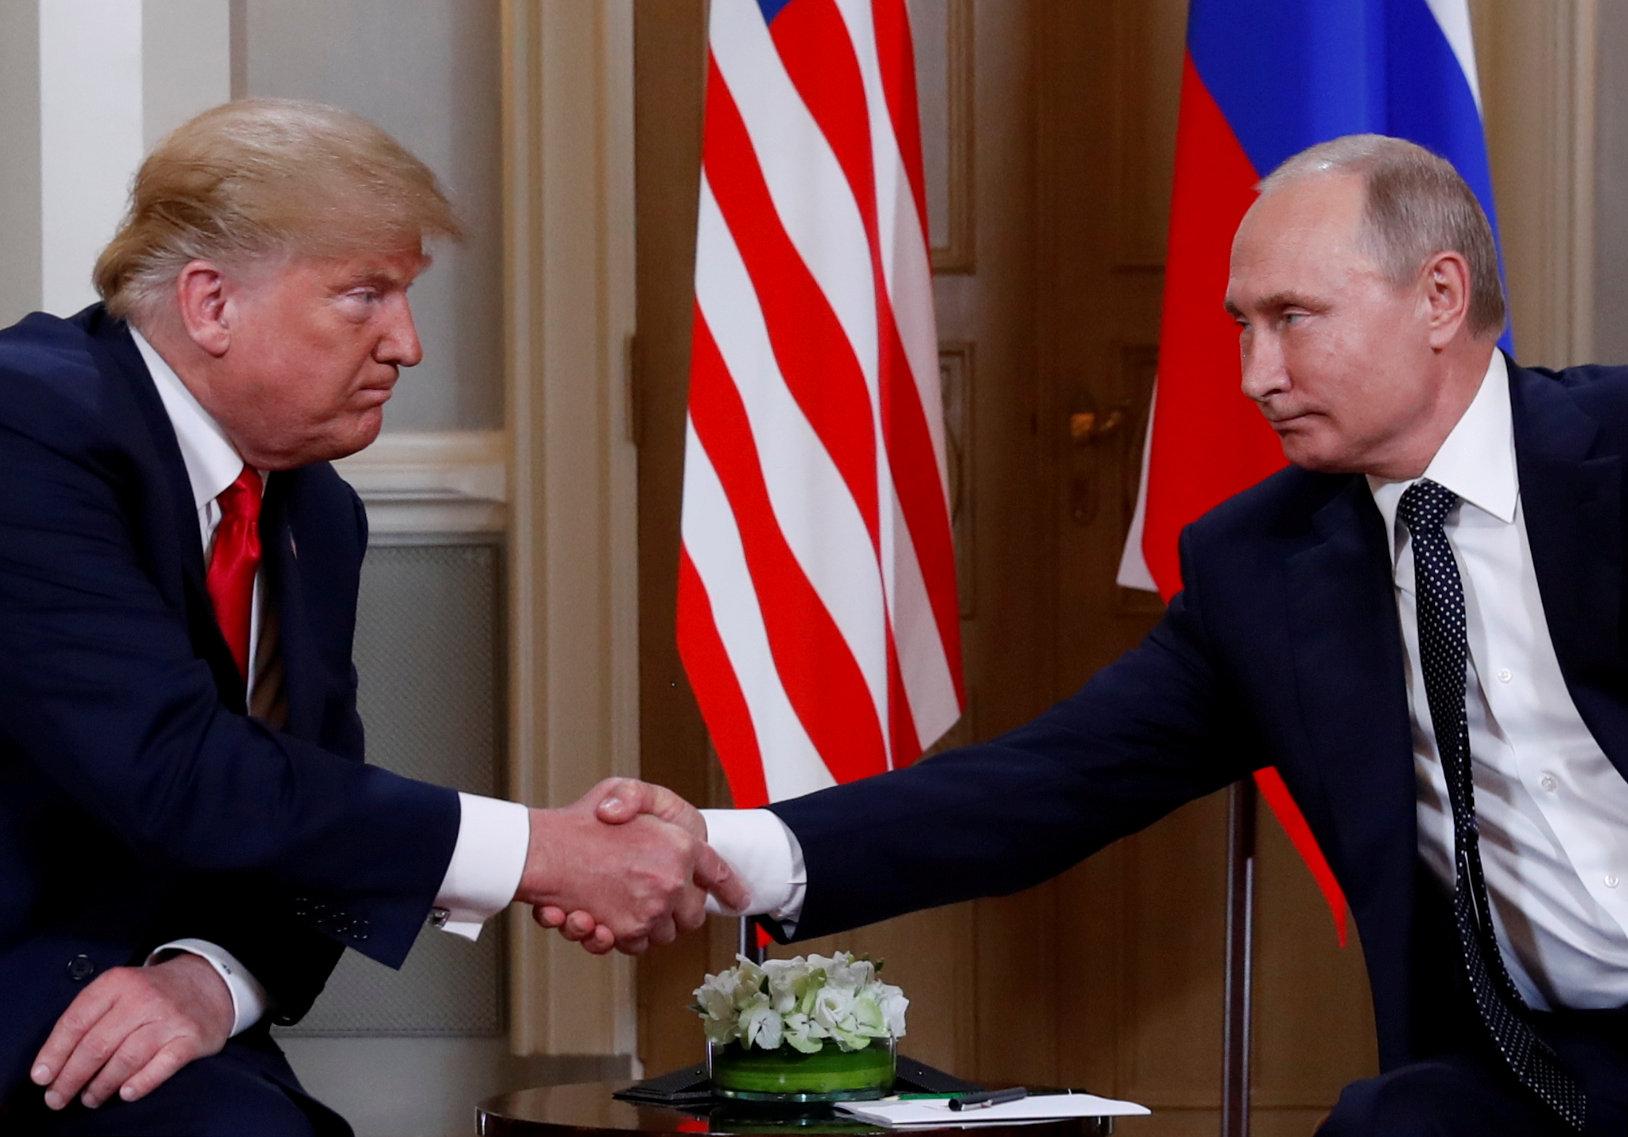 Дмитрий Песков утверждает, что отсрочка встречи Владимира Путина с Дональдом Трампом приводит к росту напряженности